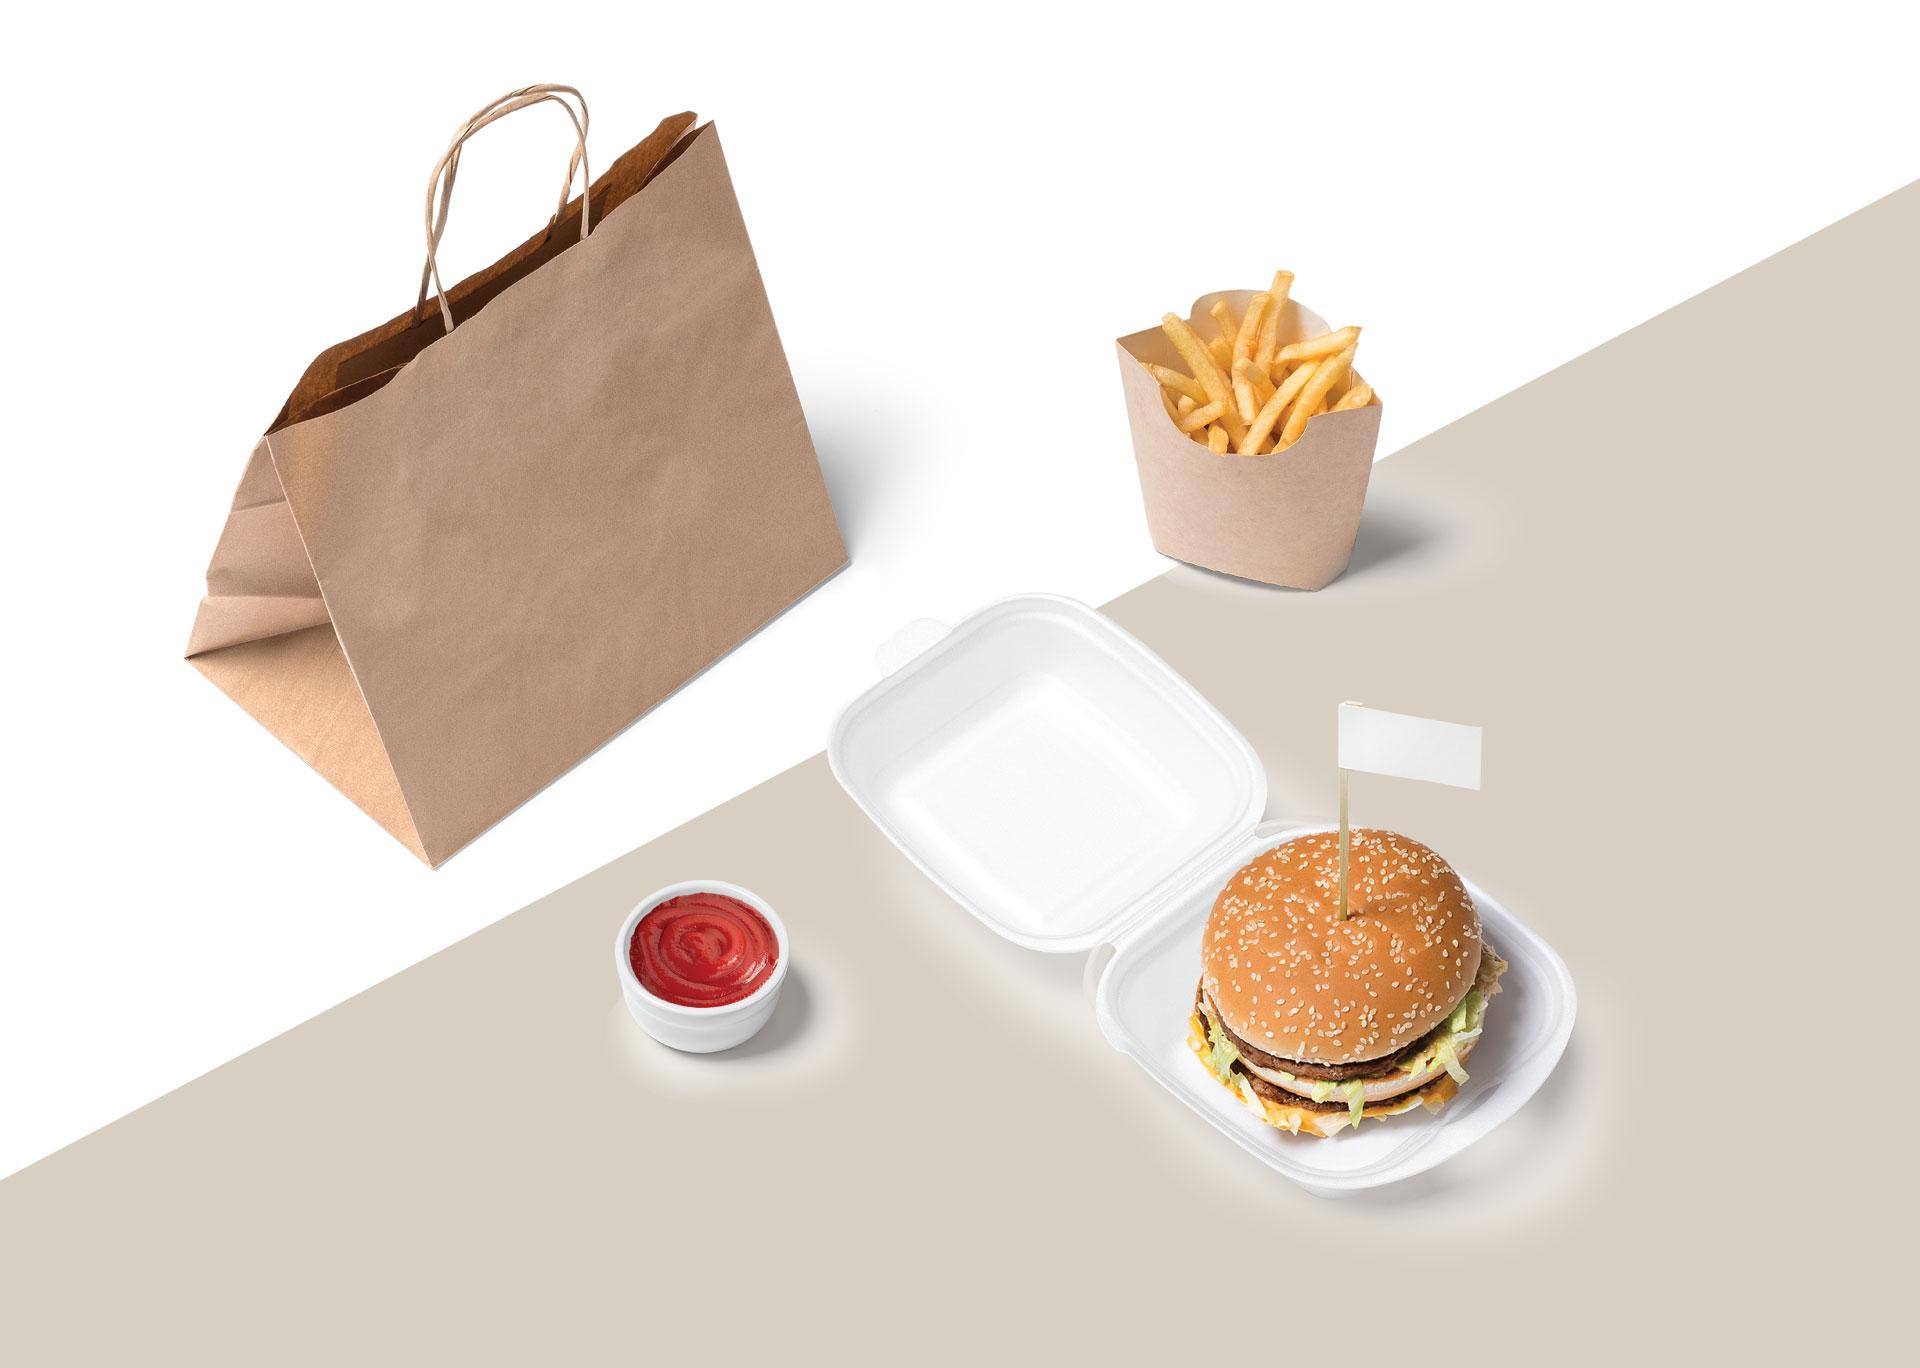 جعبه خلاقانه همبرگر: ۹ نمونه بسته بندی نوآورانه و کاربردی همبرگر